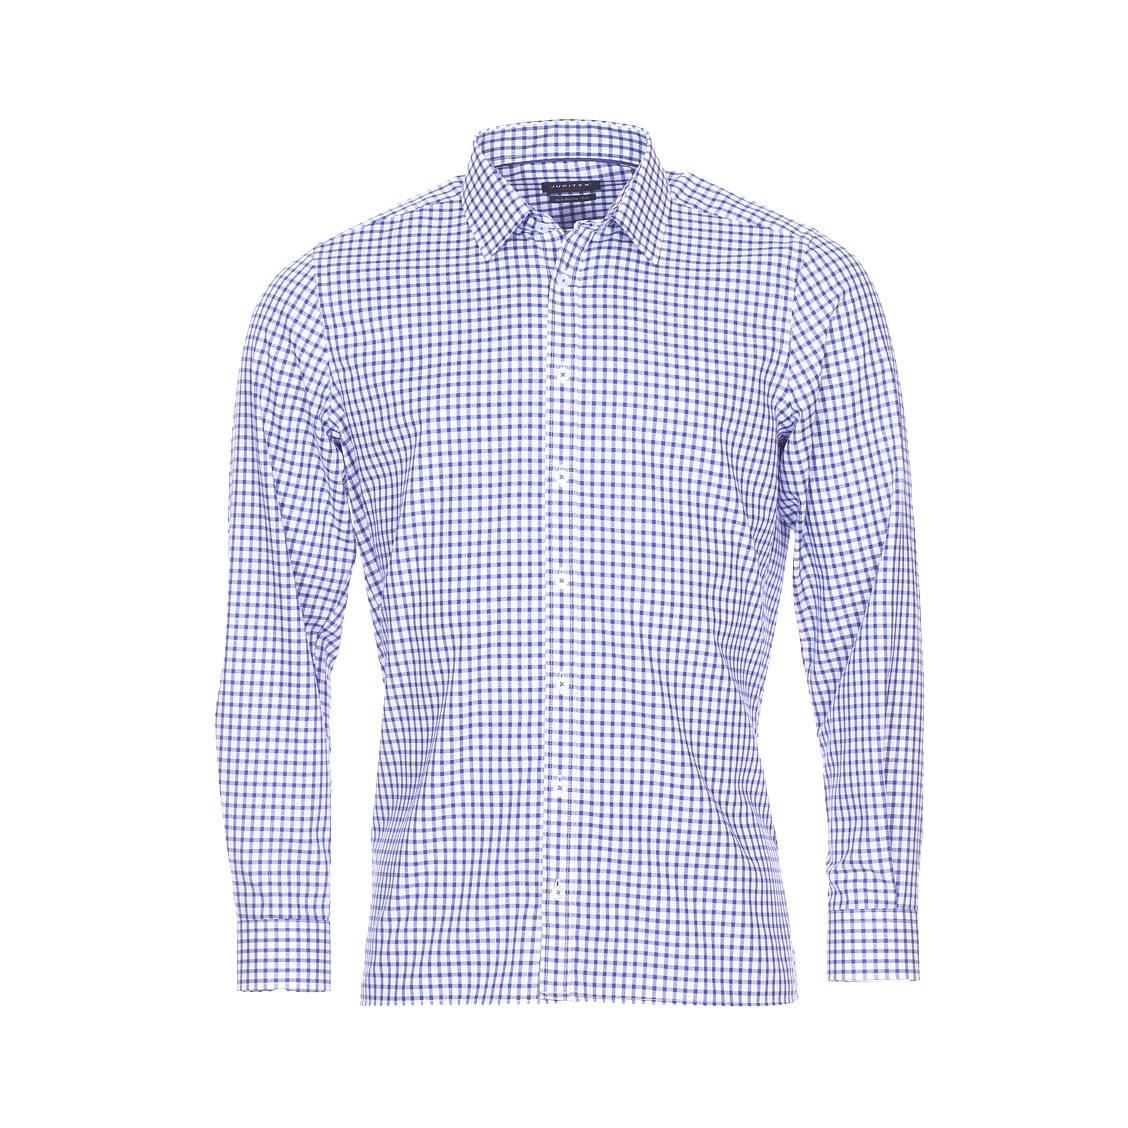 Chemise droite  en coton à carreaux bleu marine et blancs